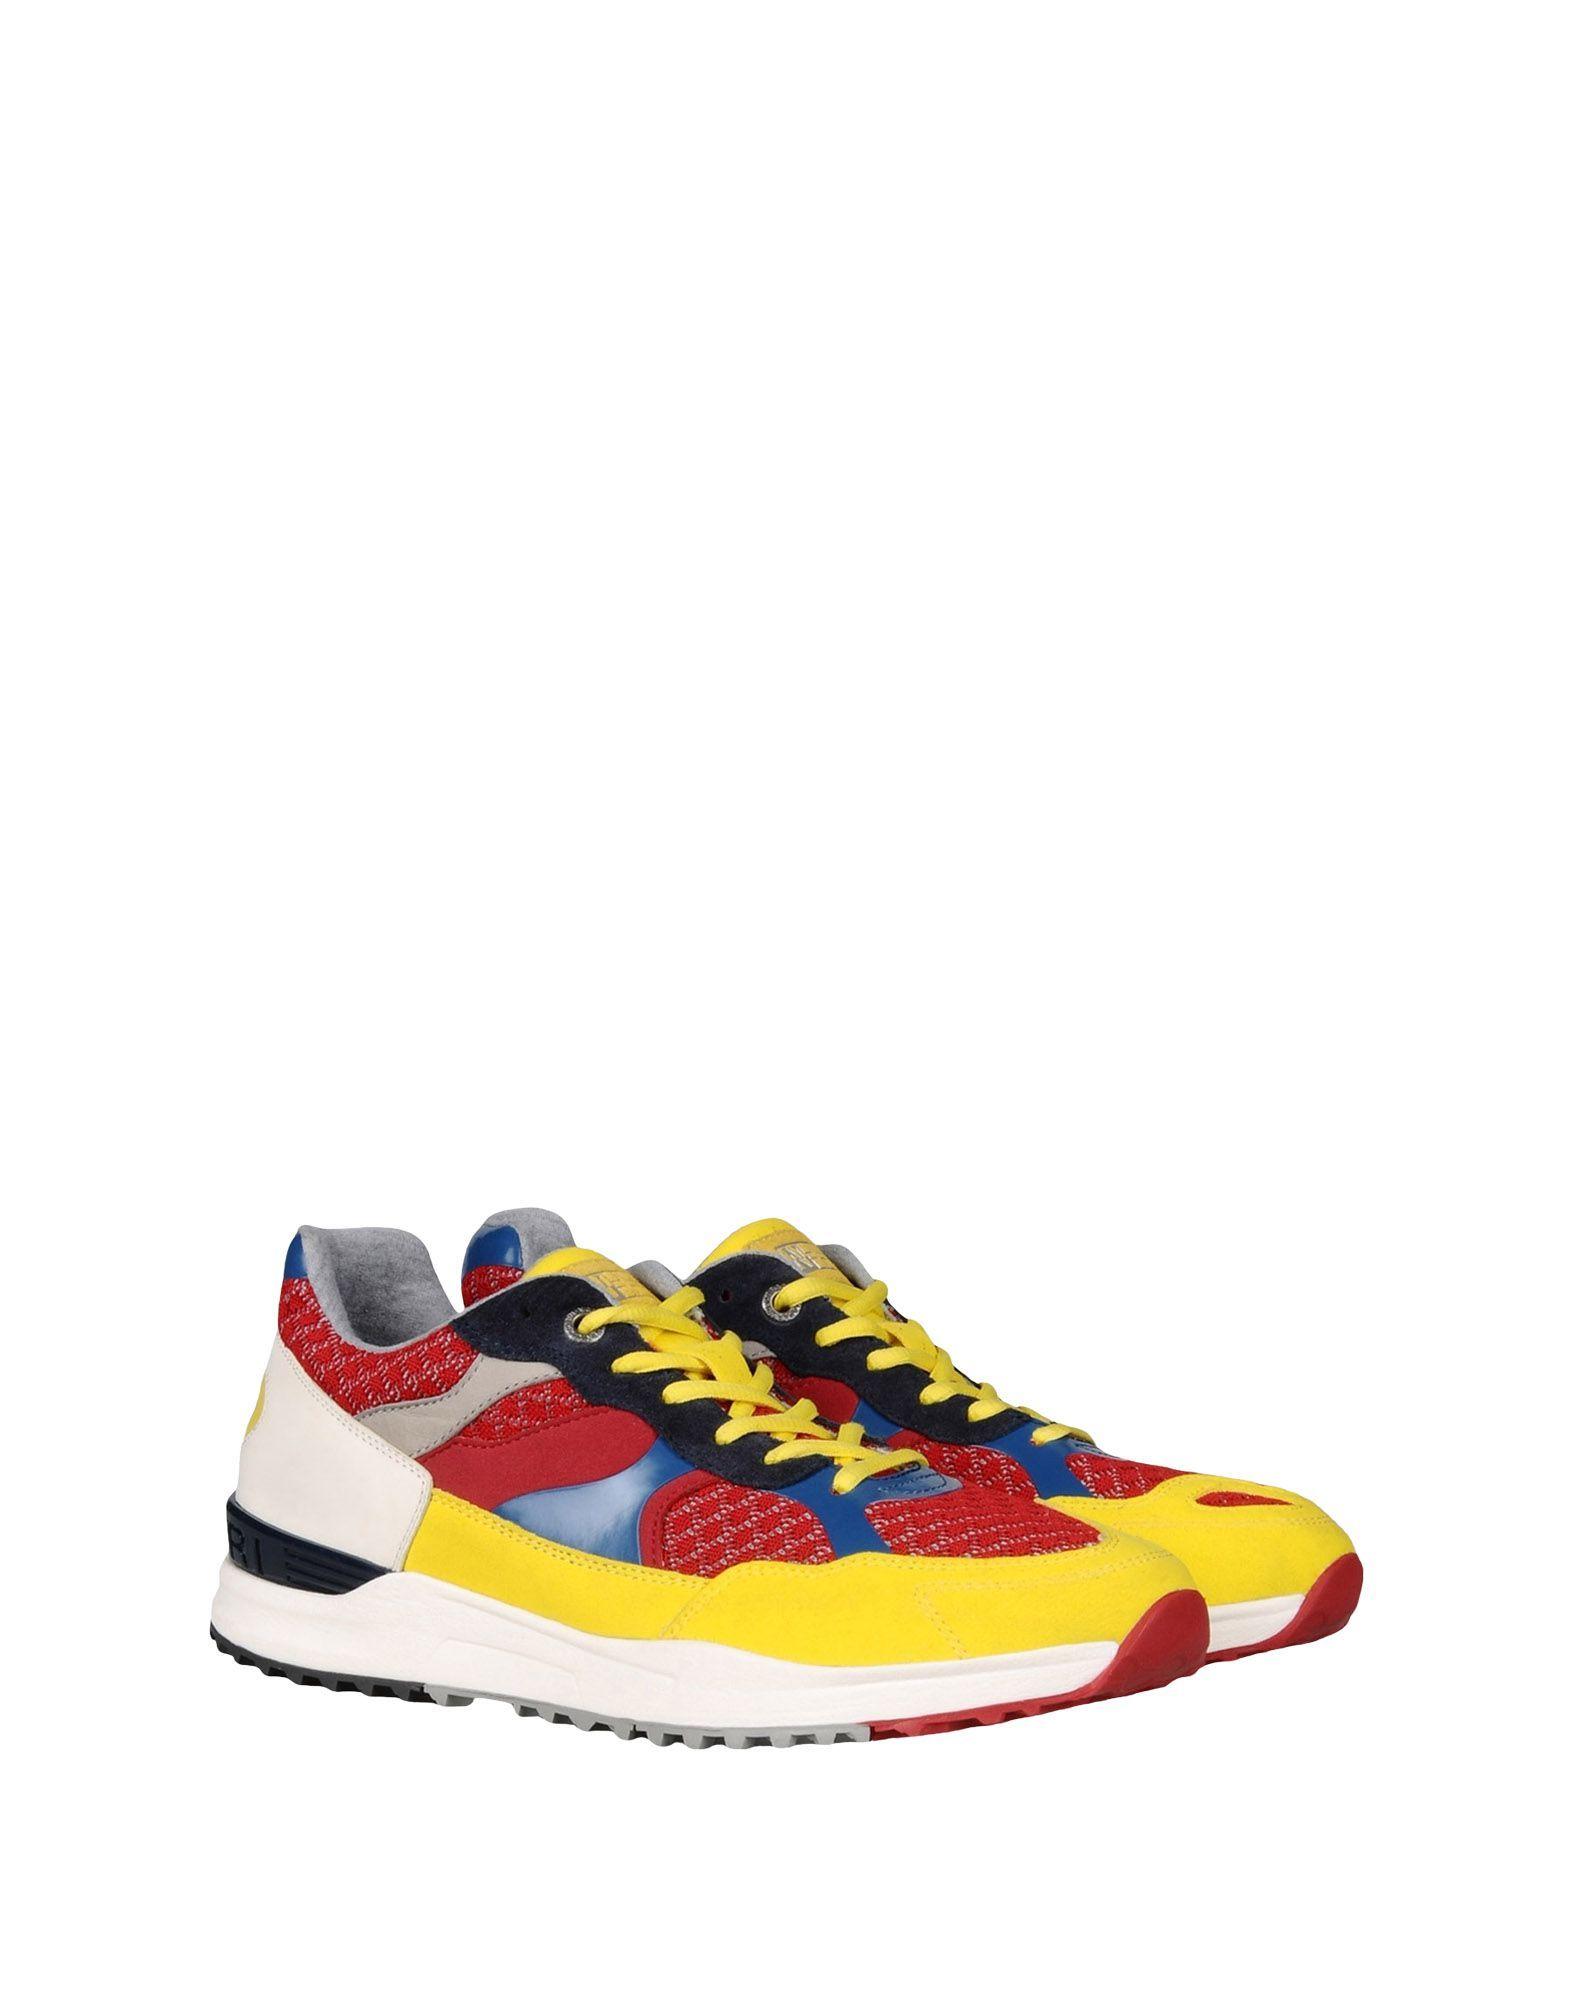 FOOTWEAR - Low-tops & sneakers on YOOX.COM Napapijri vWP9yK2